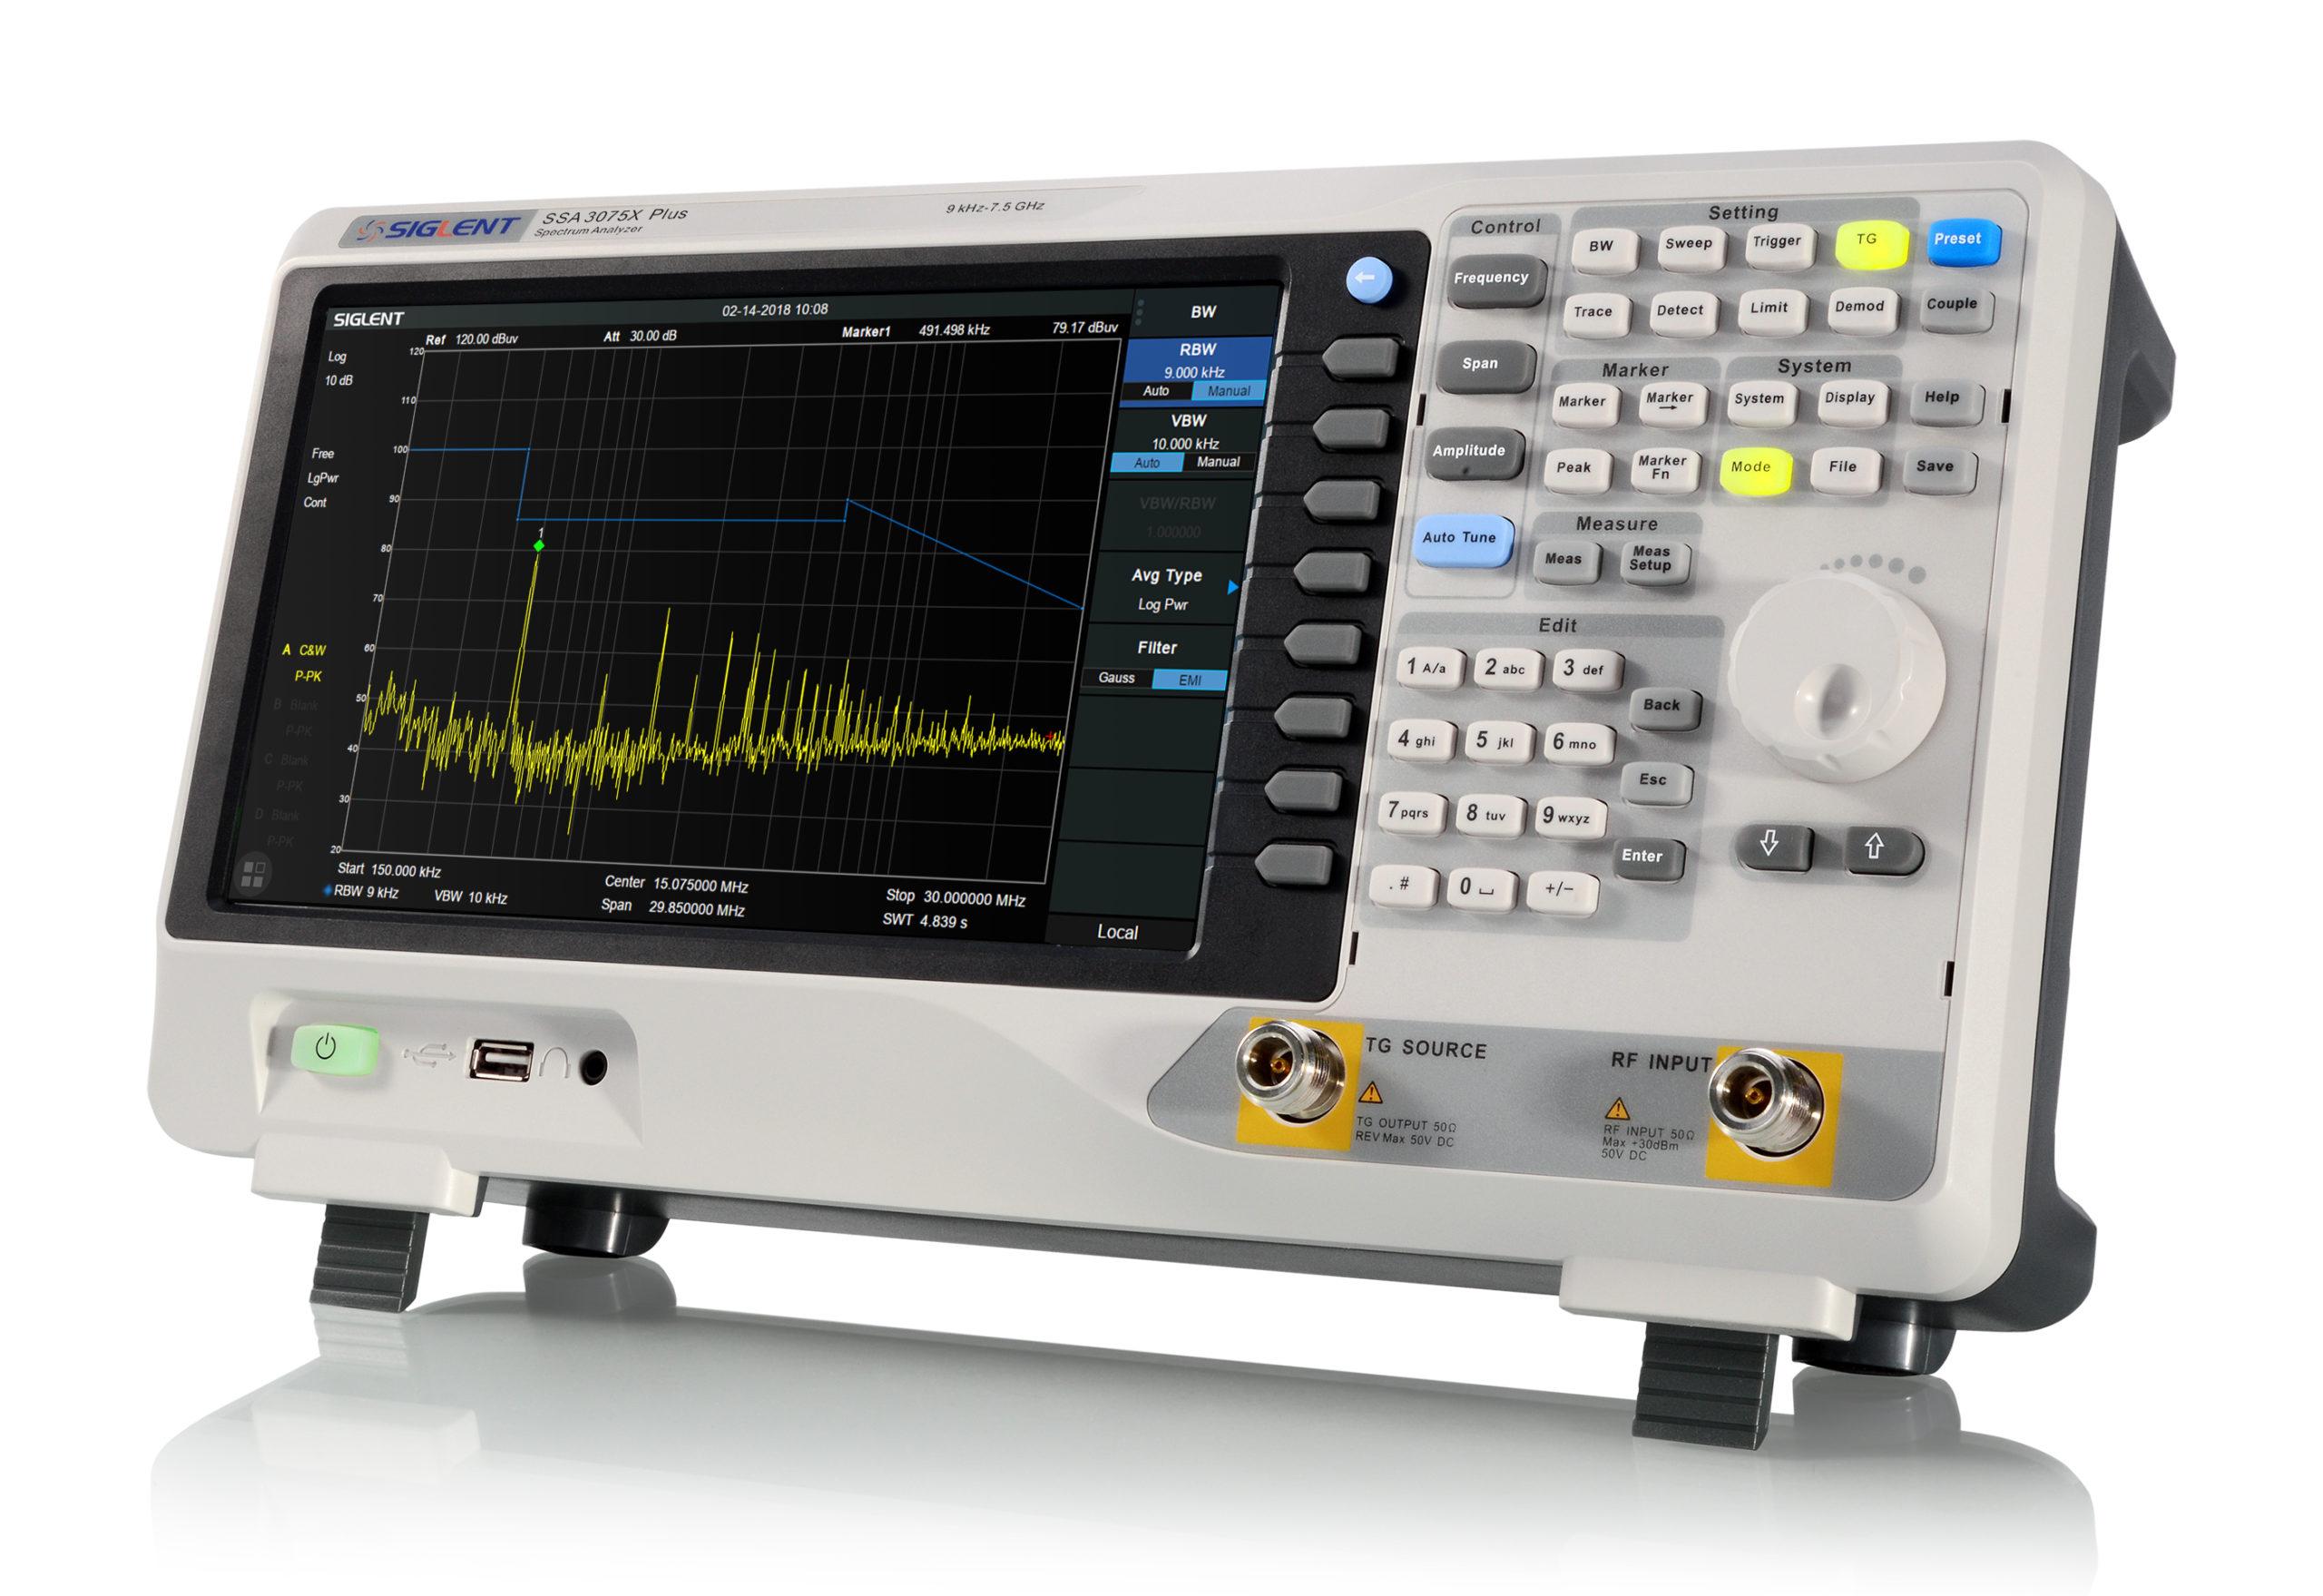 Economical SSA3075X Plus 7.5GHz Spectrum Analyzer